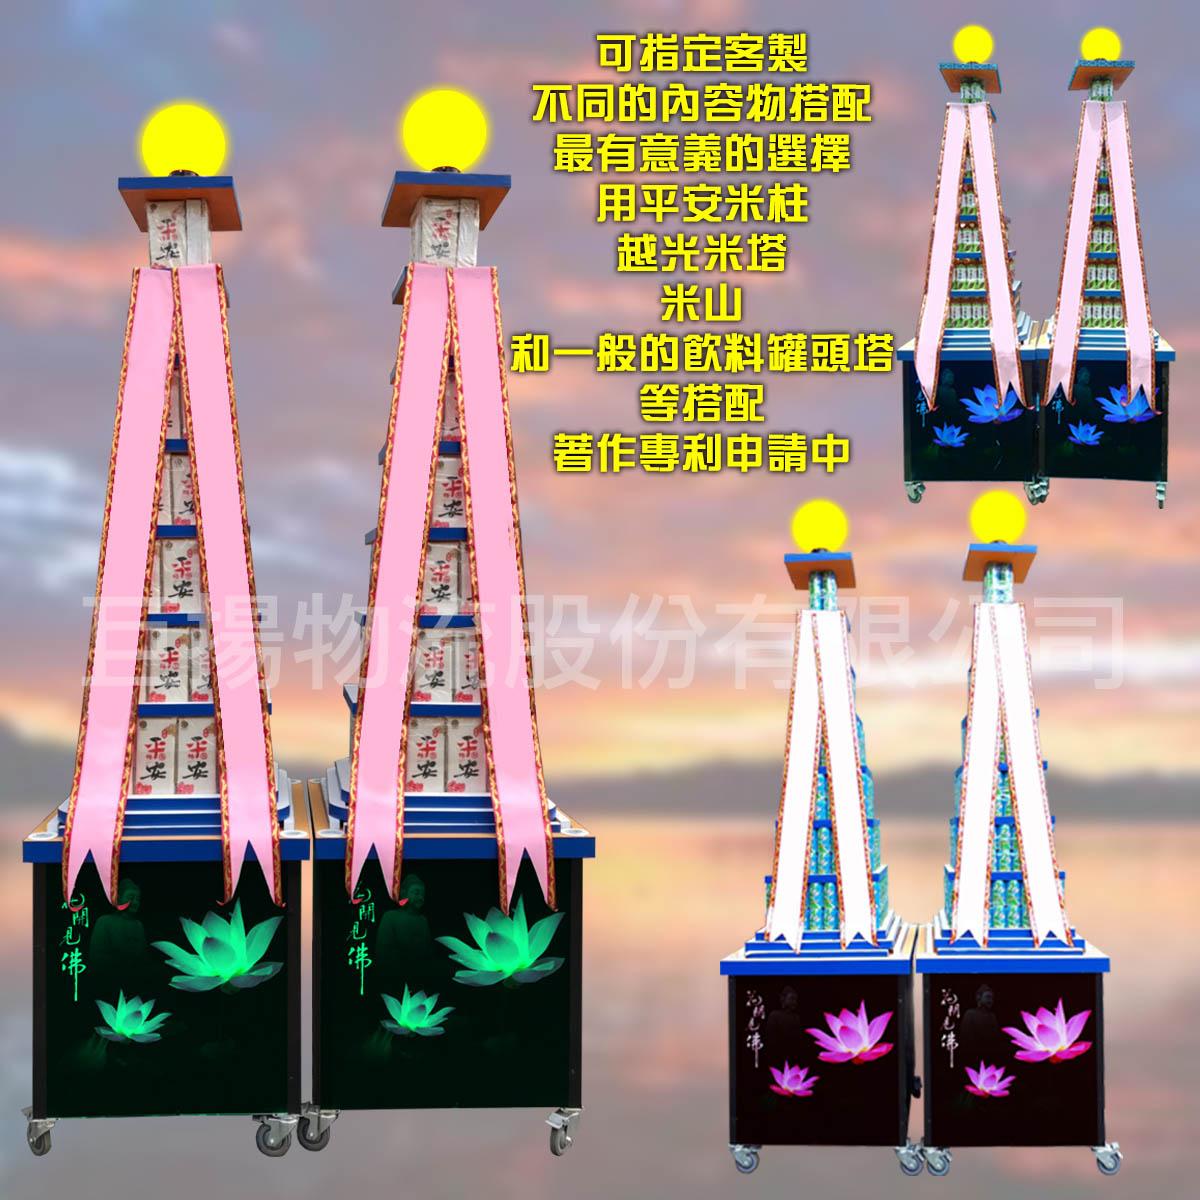 九層大牌飲料燈光罐頭山蓮花led燈光柱1